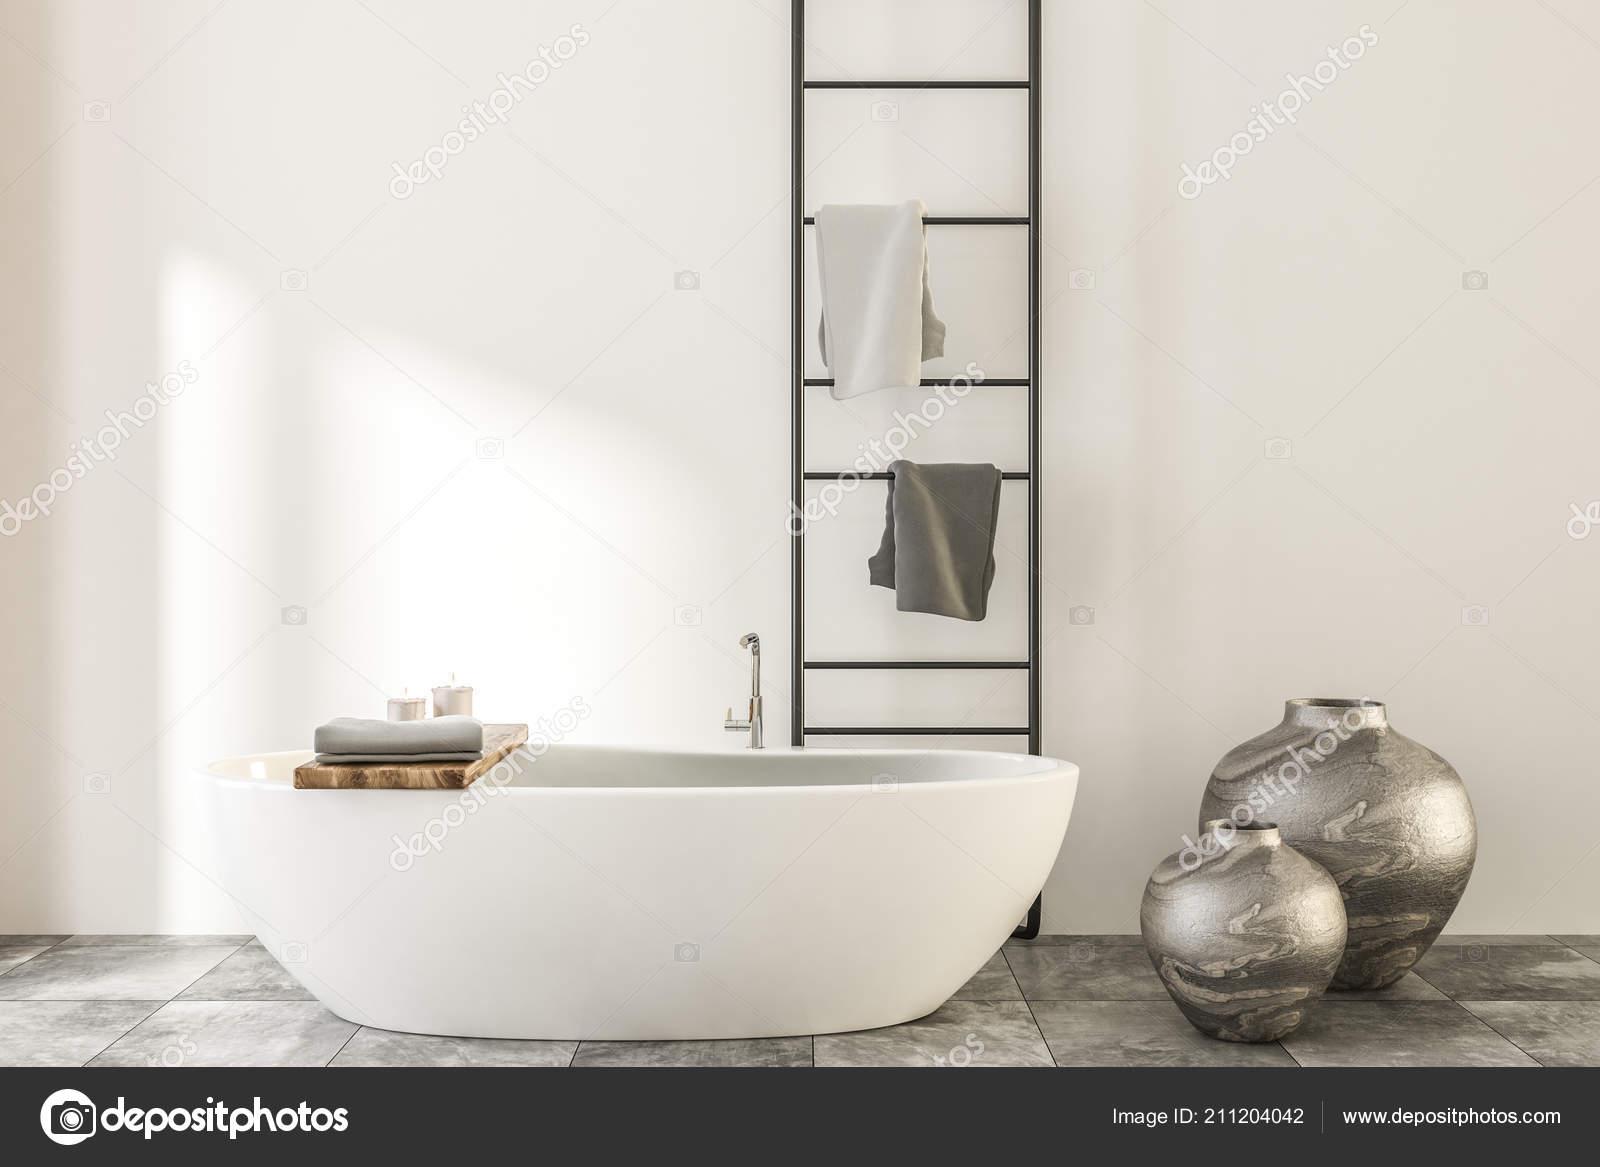 Portasciugamani Bagno A Muro : Interiore stanza bagno muro bianco legno con pavimento